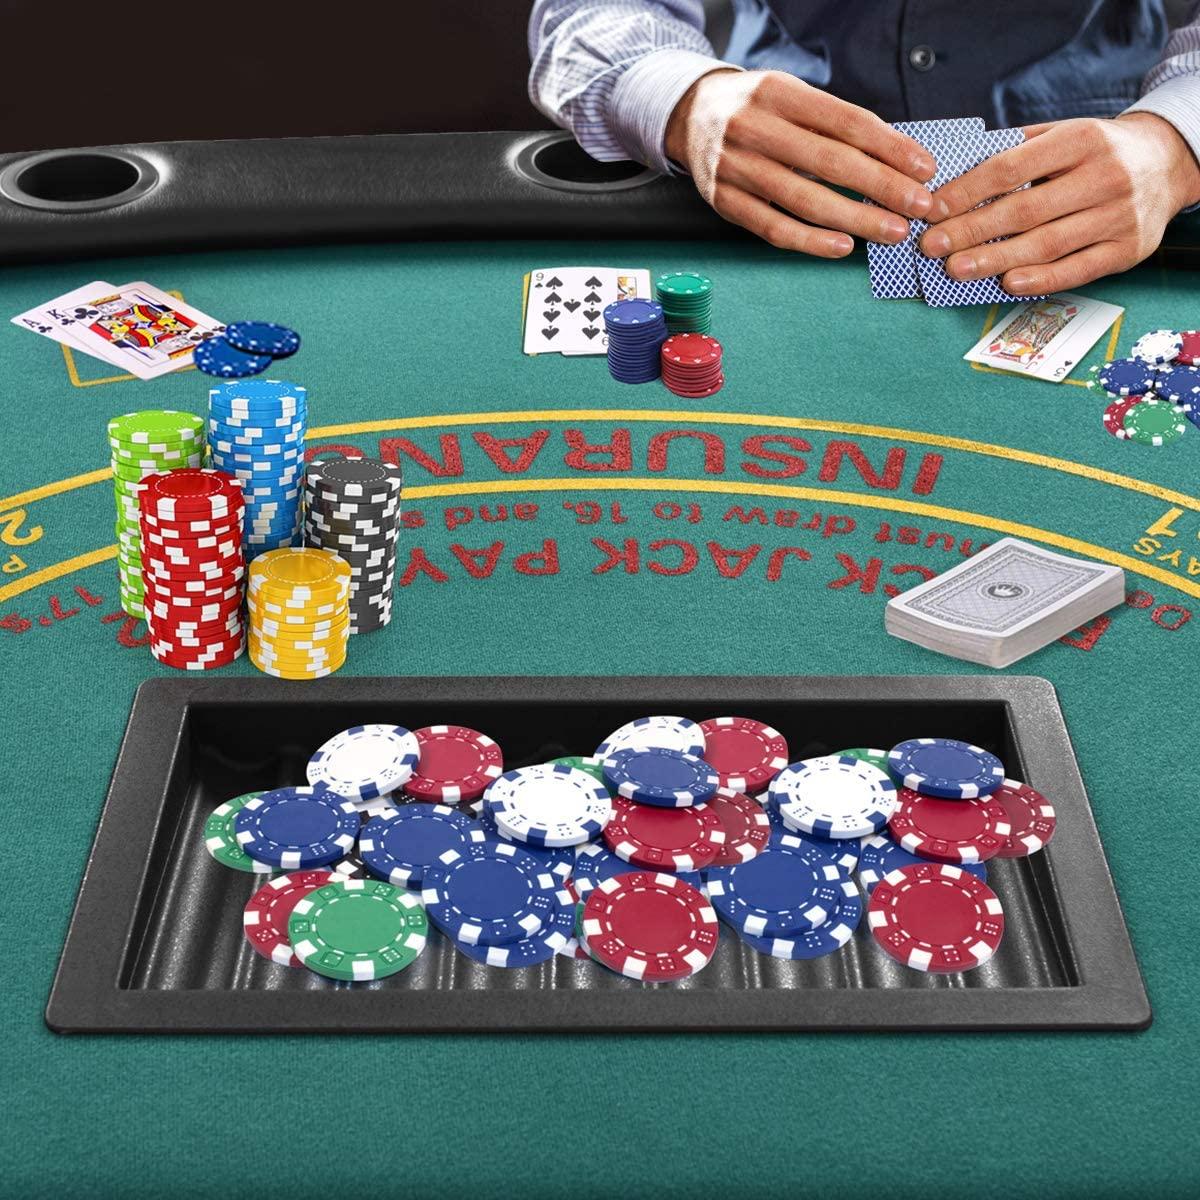 Рубленный покер смотреть онлайн как настроить ресивер голден интерстар 770